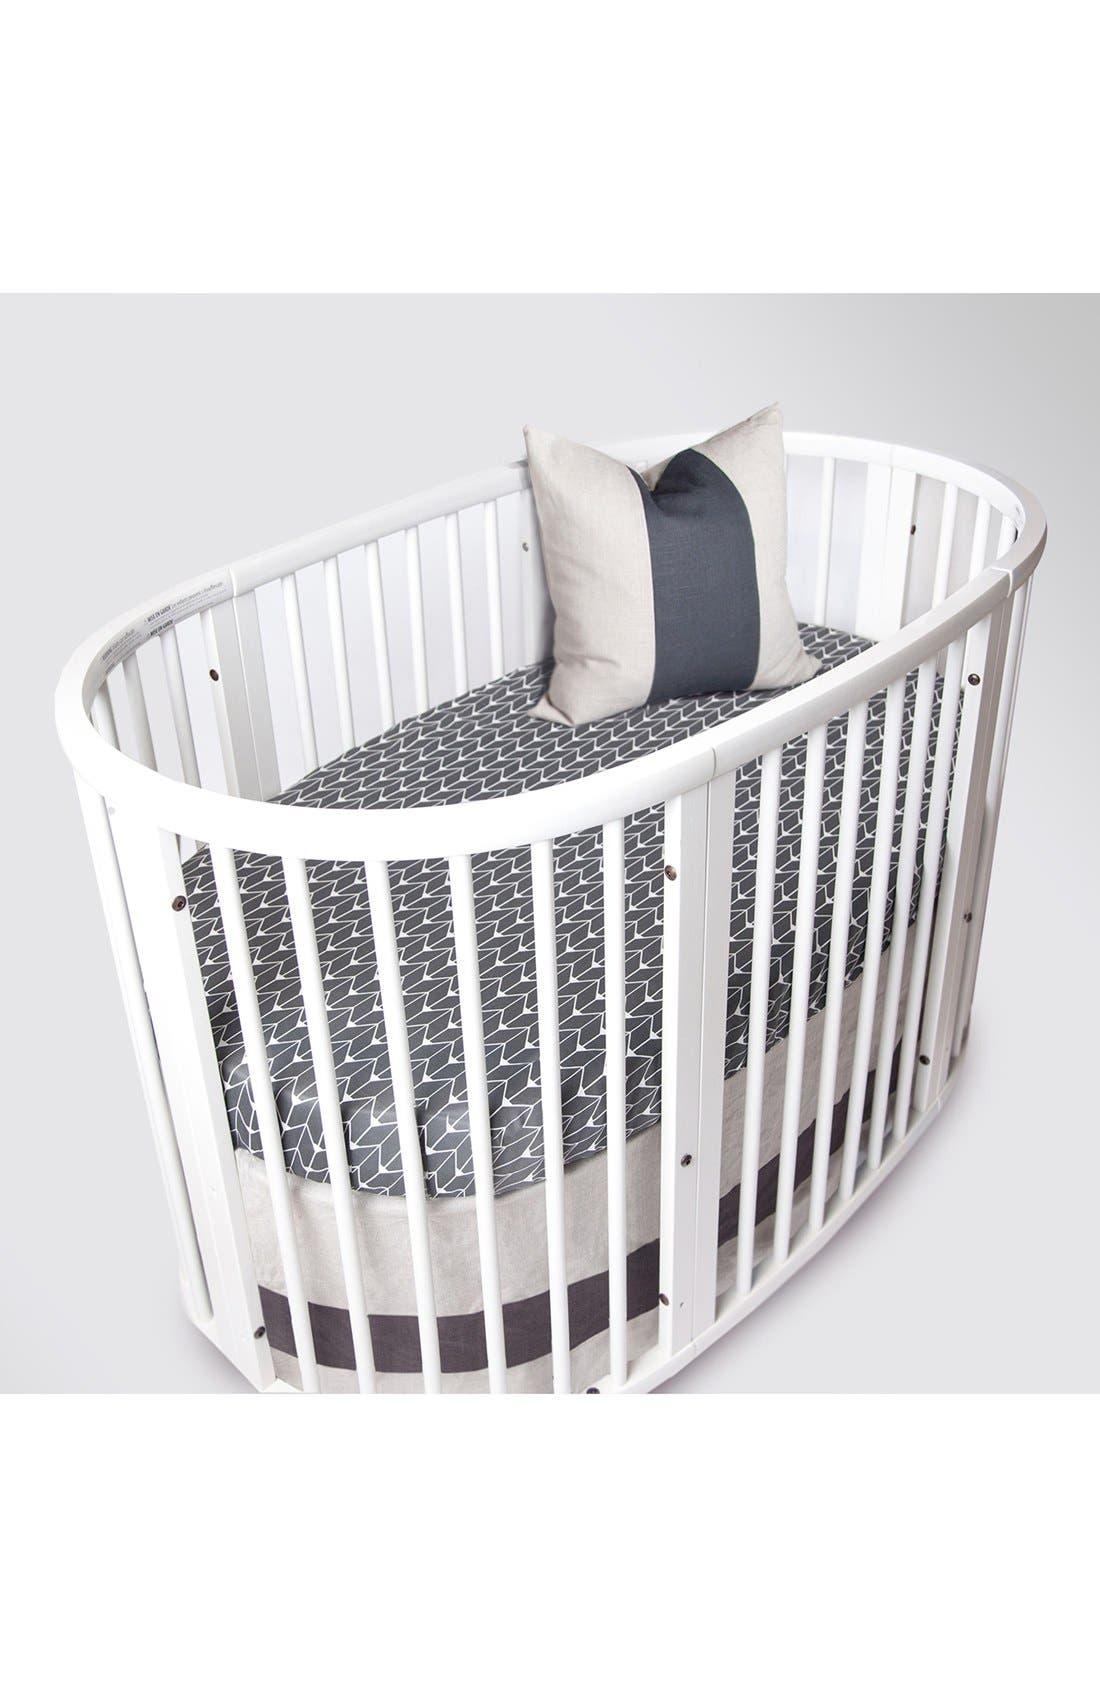 Woven Band Crib Skirt for Stokke Sleepi Crib,                         Main,                         color, 025